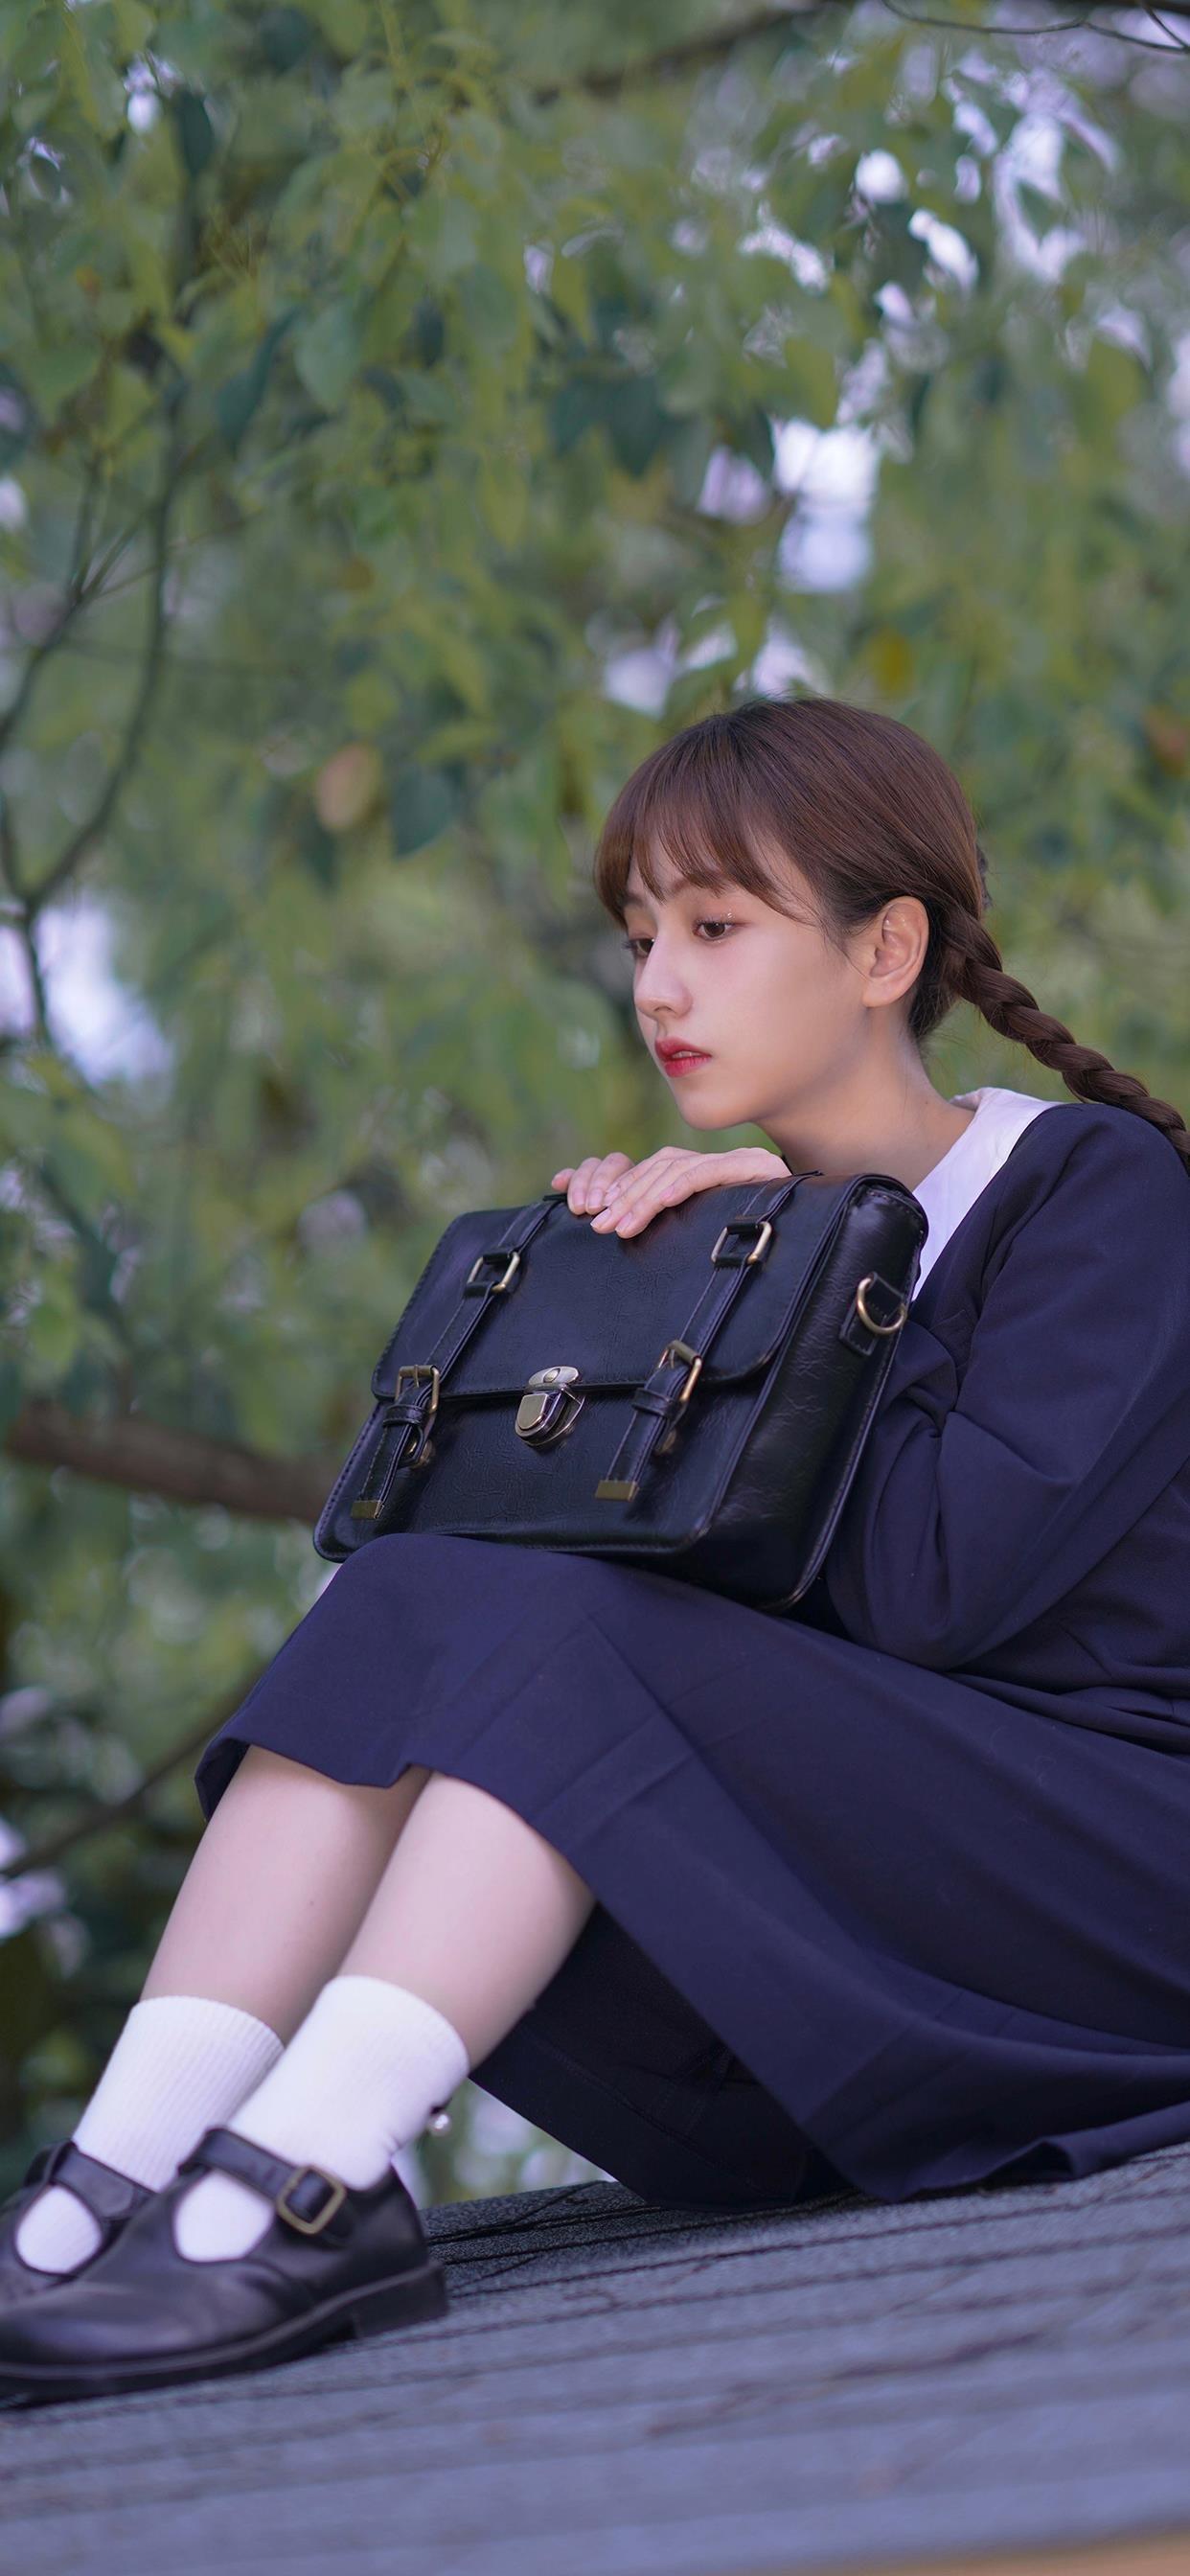 清纯少女jk制服写真手机壁纸